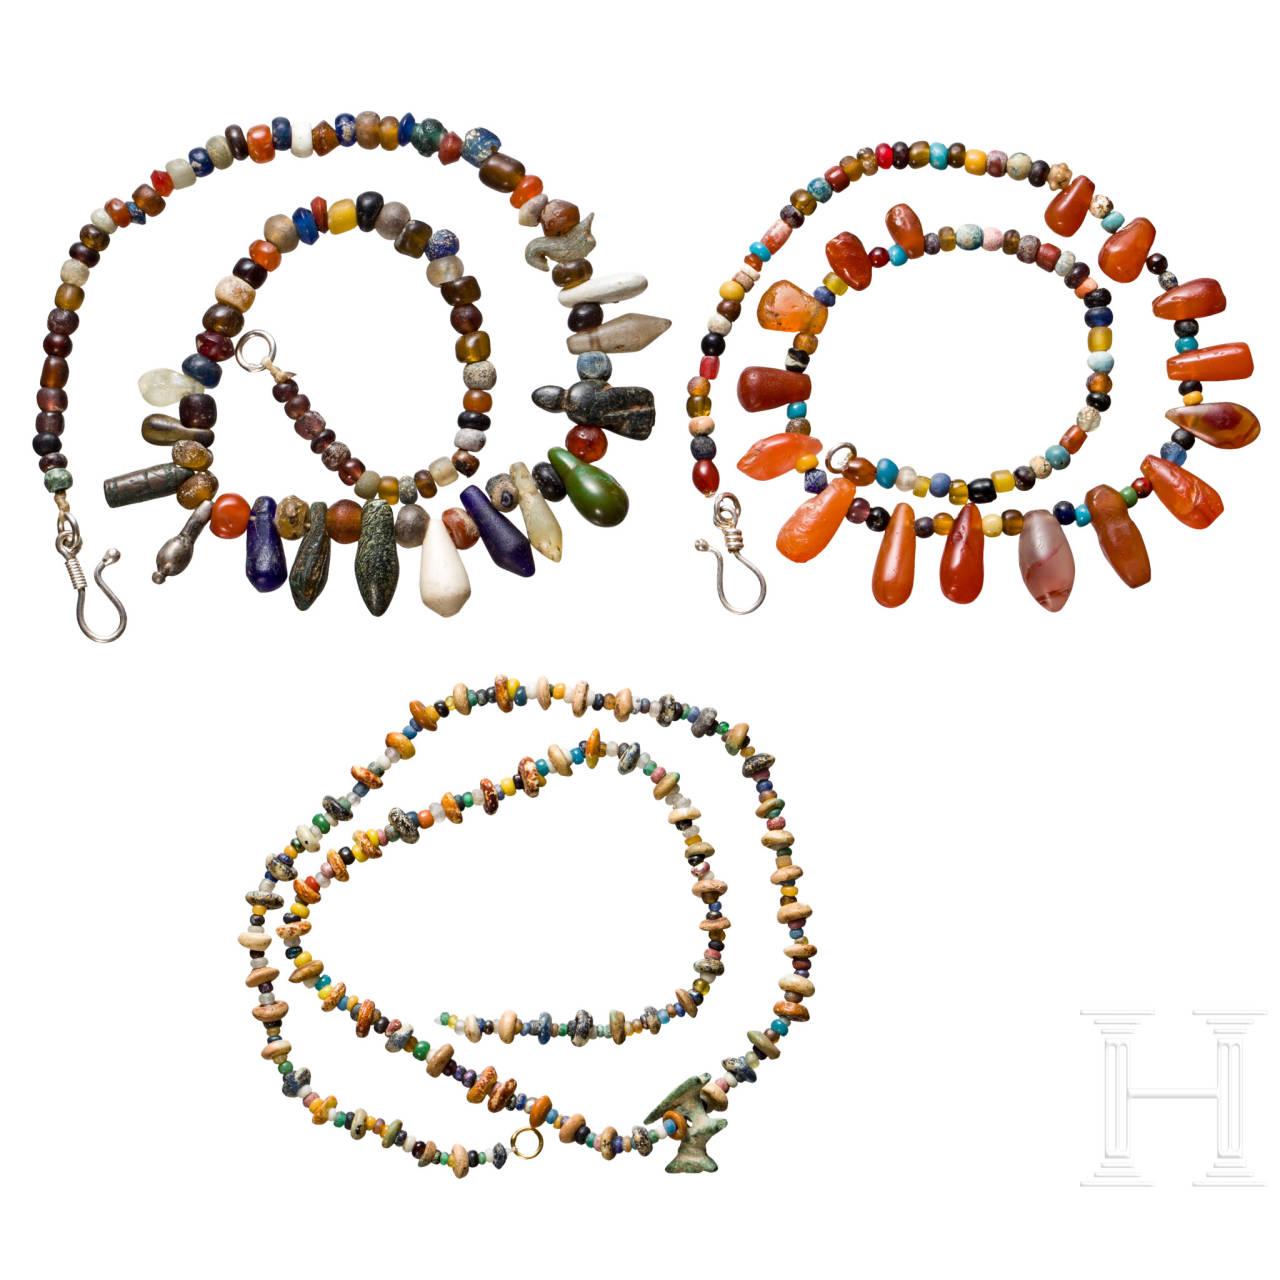 Drei Ketten mit antiken Perlen aus Halbedelsteinen und Glas, modern aufgefädelt